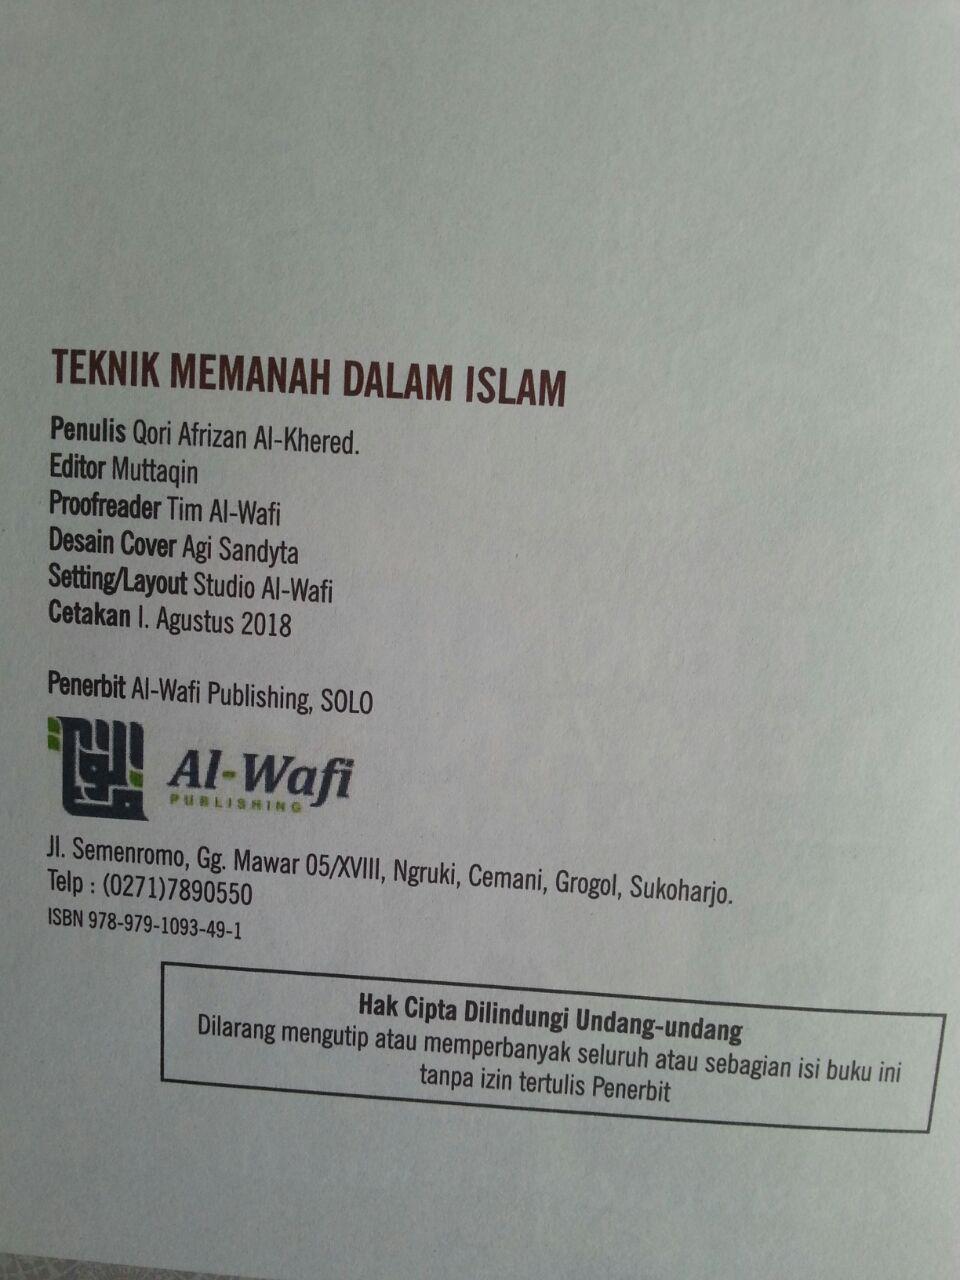 Buku Teknik Memanah Dalam Islam Dan Ketangkasan Lain Bergambar isi 2